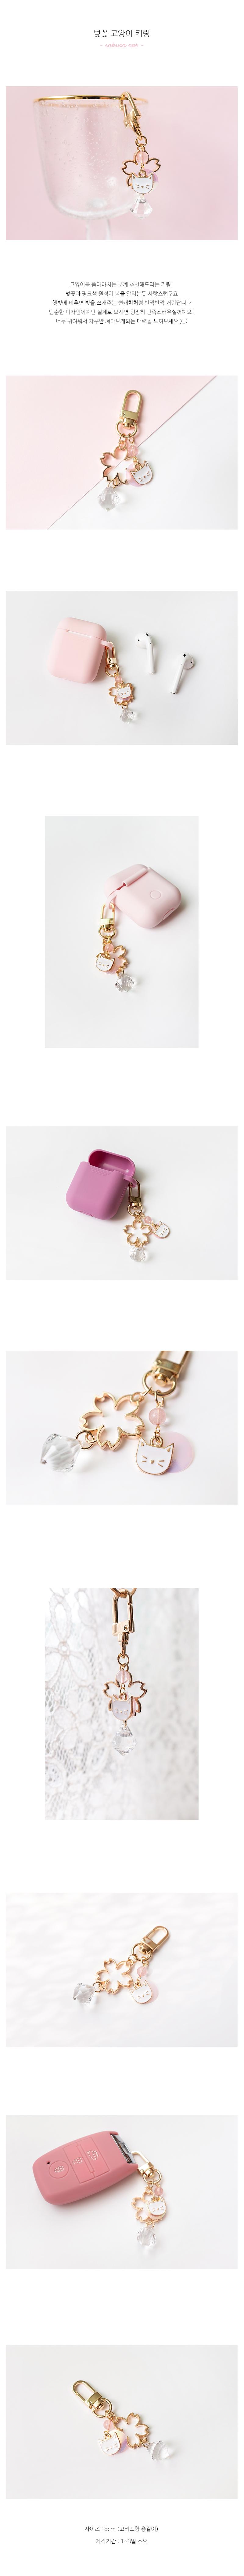 벚꽃 고양이 에어팟 키링 - 루시엔도, 8,500원, 키링/키홀더, 키링